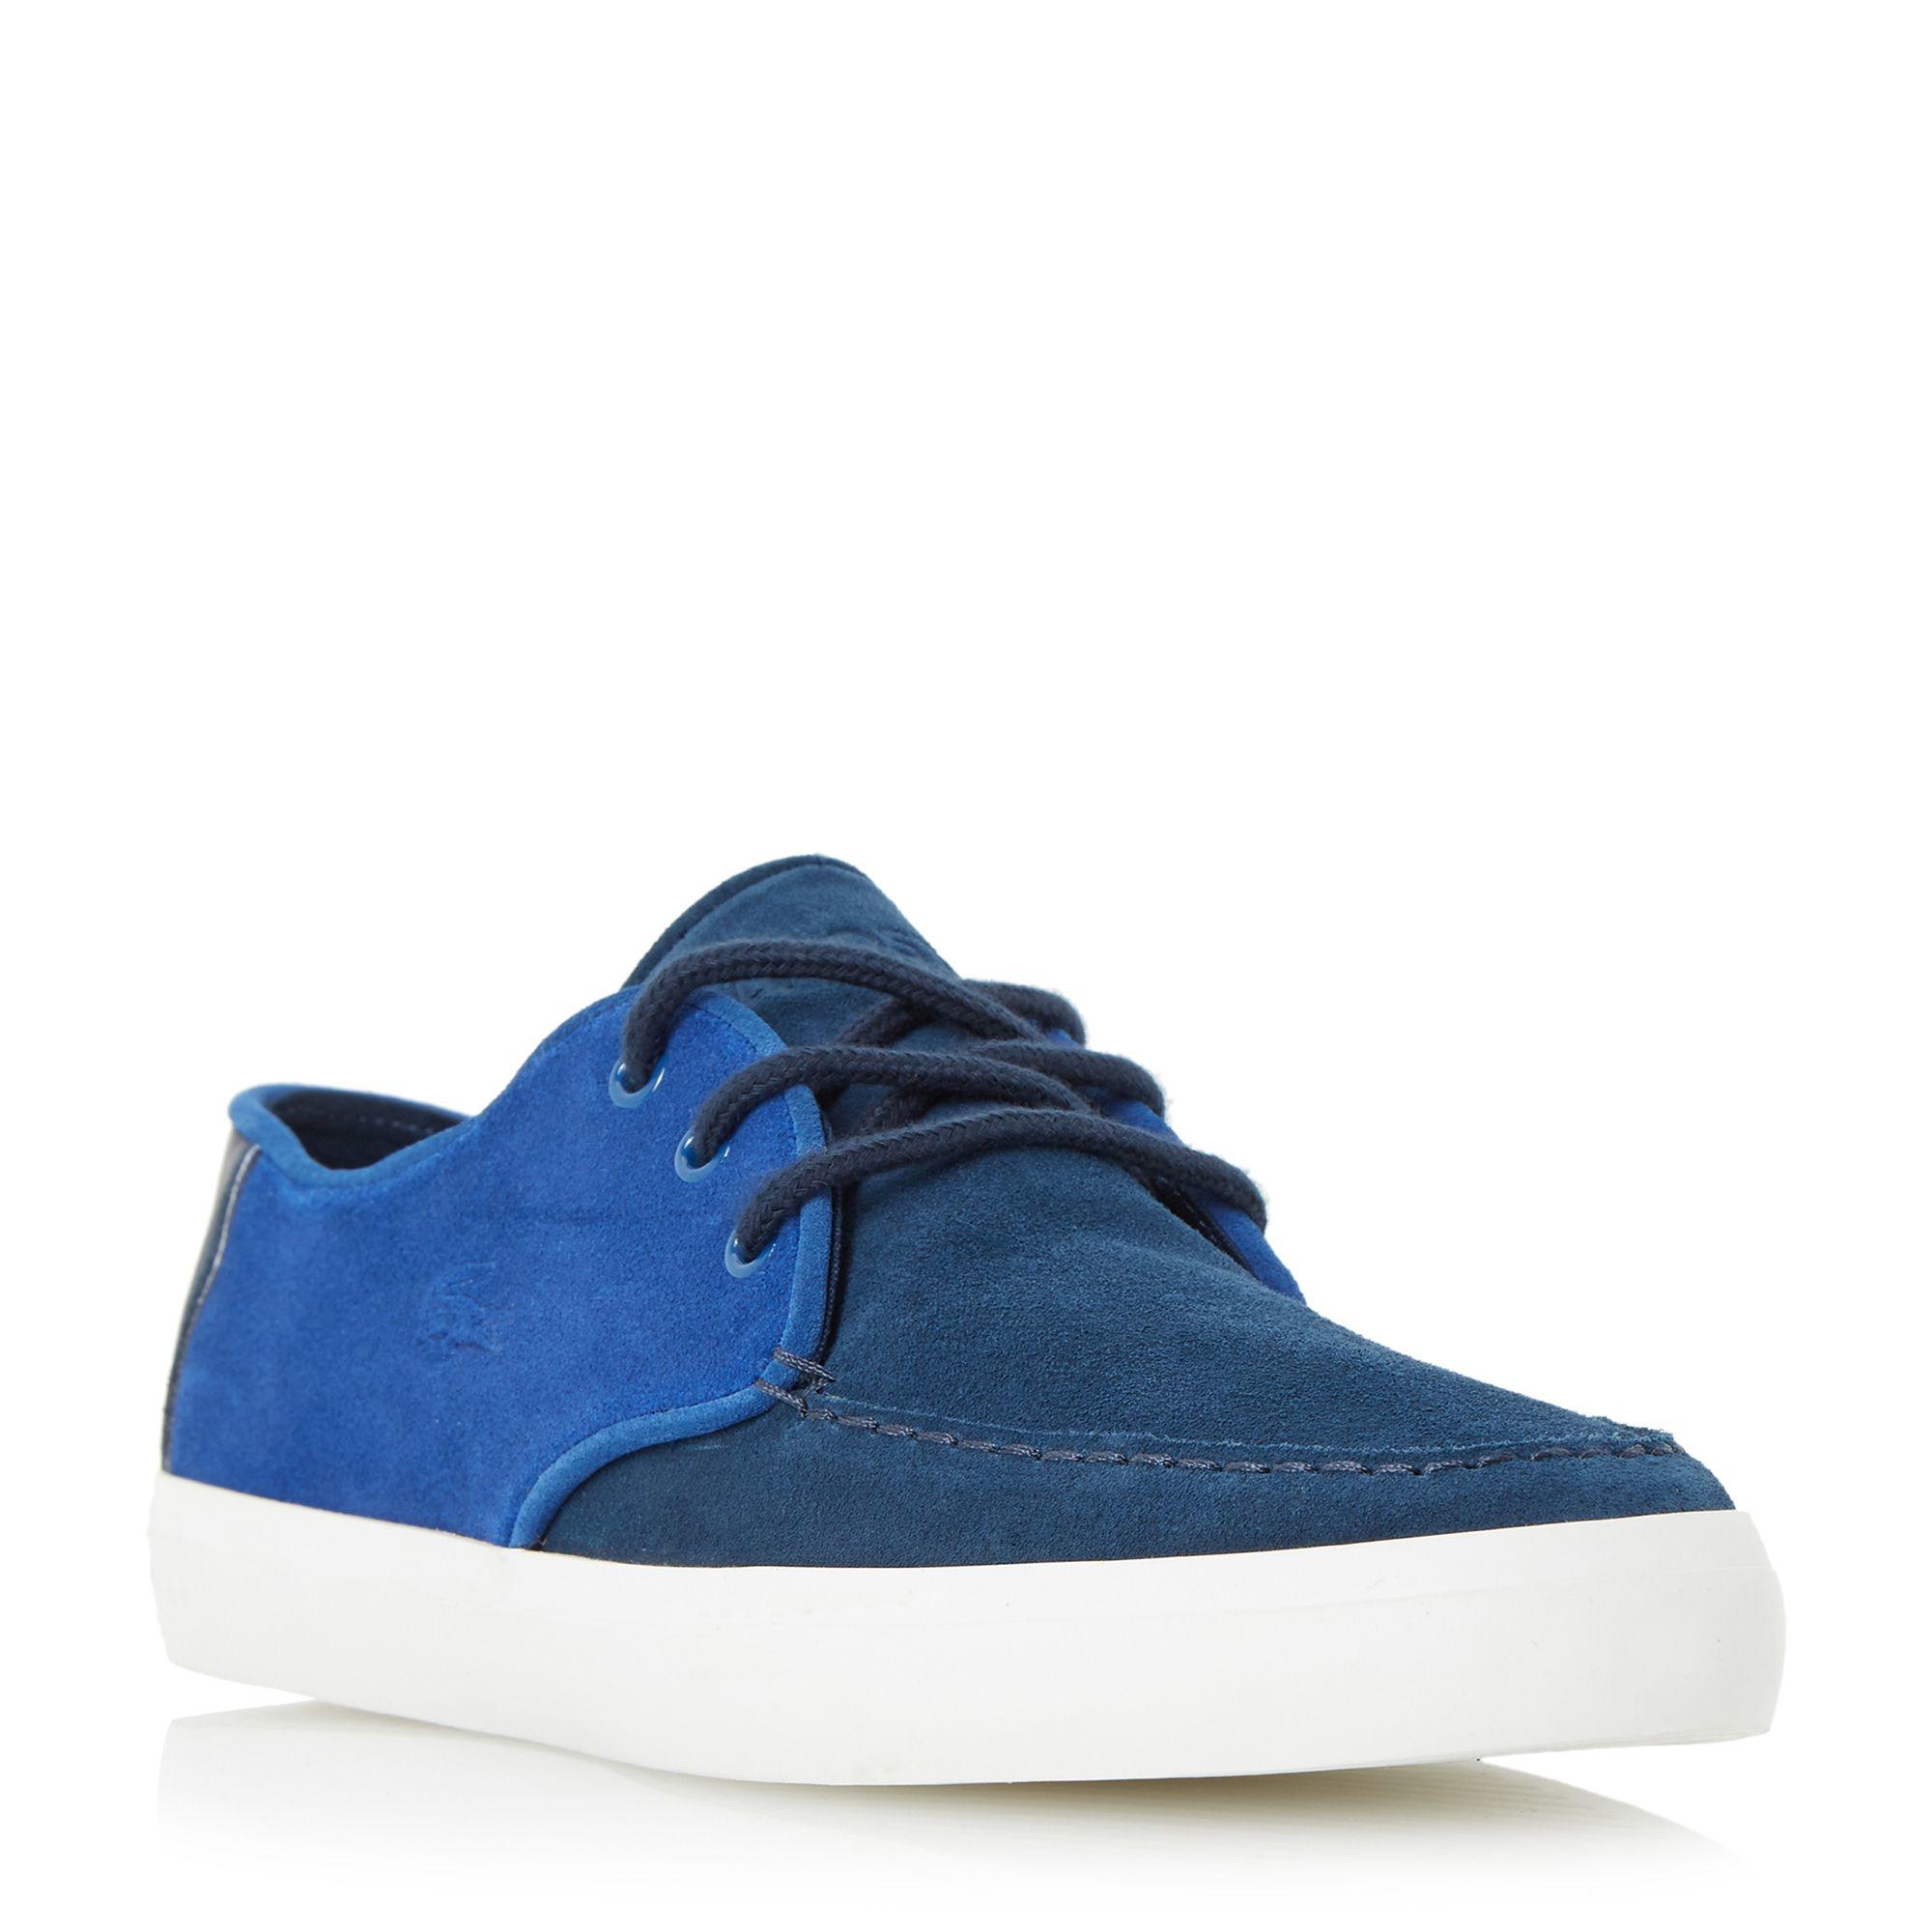 lacoste shoes blue - photo #45